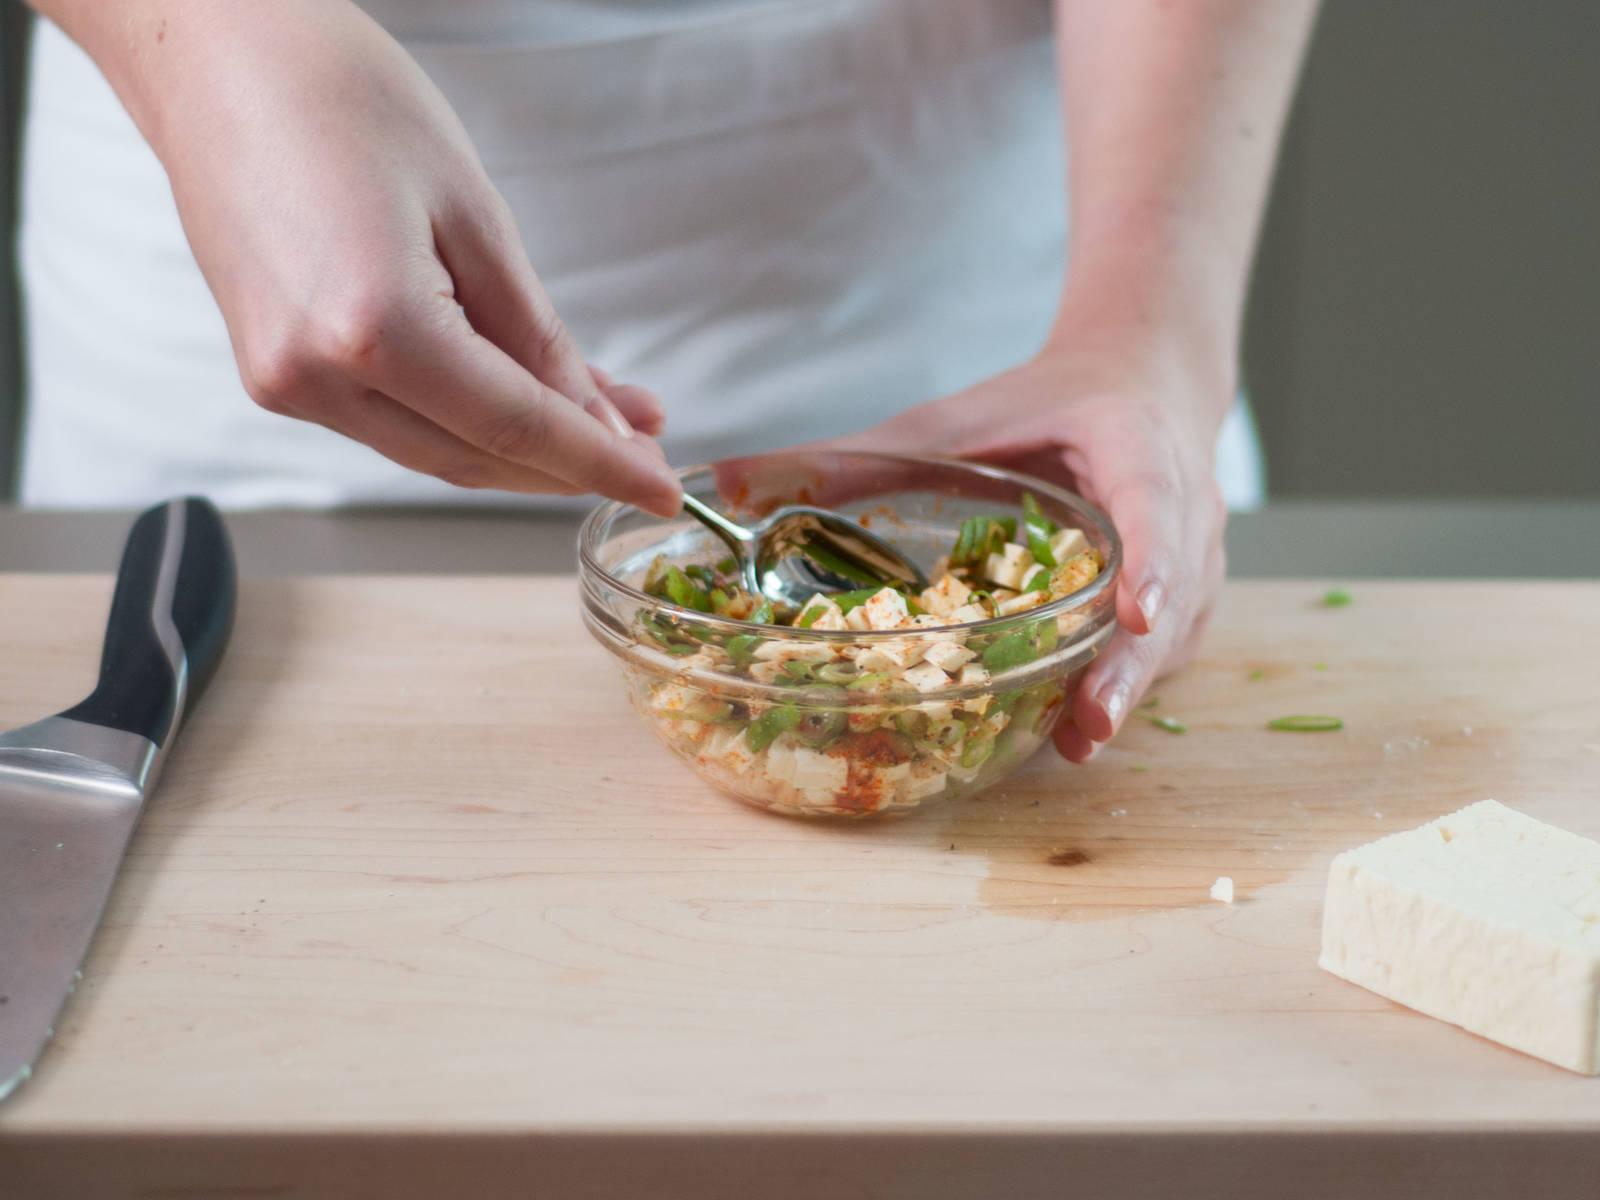 预热烤箱至180摄氏度。切碎洋葱,并将葱切细圈。向小碗中放入奶酪、甜椒粉、辣椒粉、植物油与小葱,混合均匀,并加入盐与胡椒粉调味。